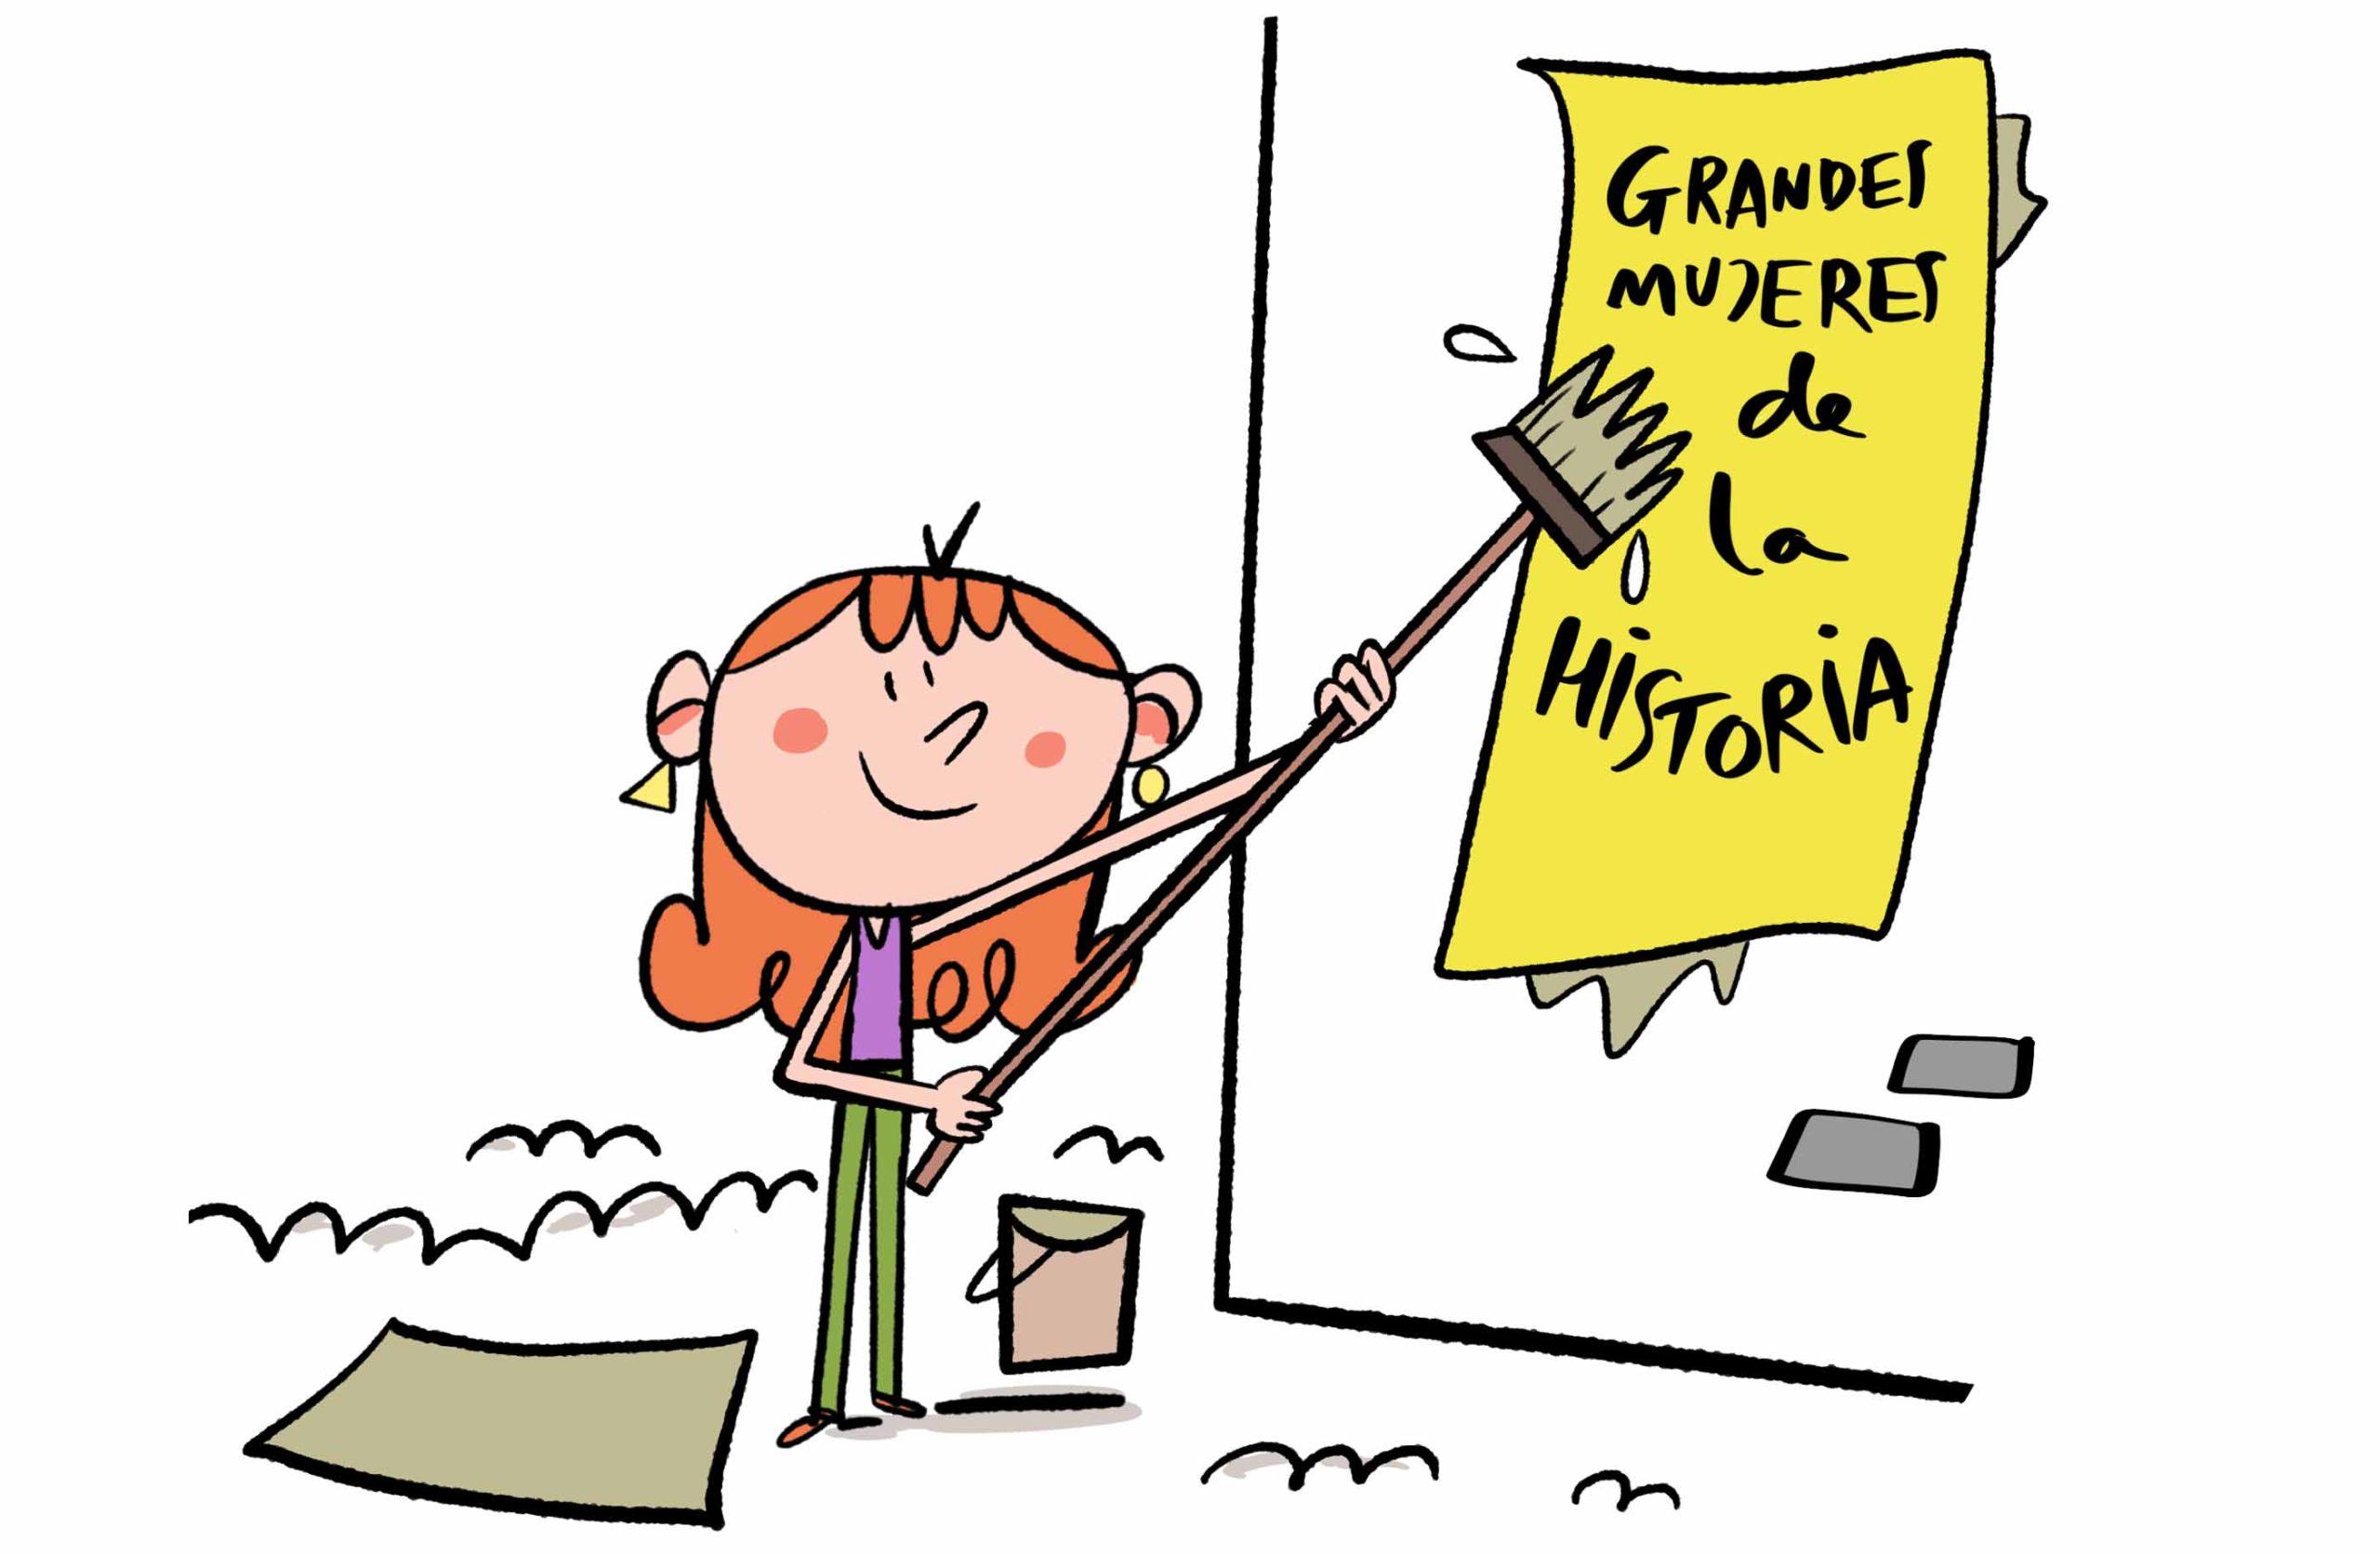 Cuentos ilustrados para fomentar la igualdad de género